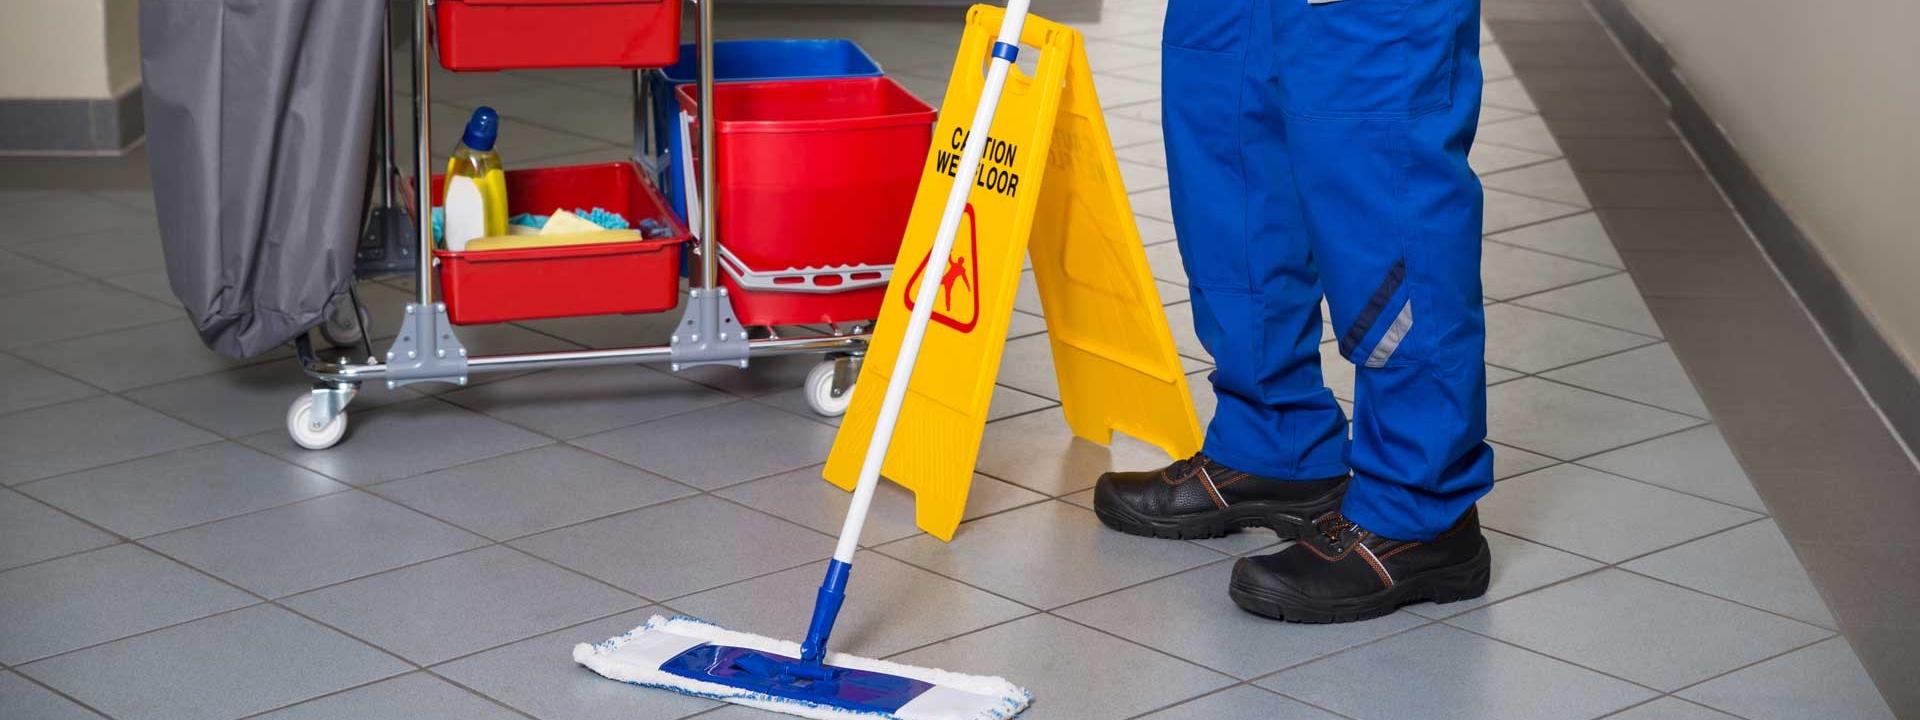 La foto mostra un addetto alle pulizie al lavoro